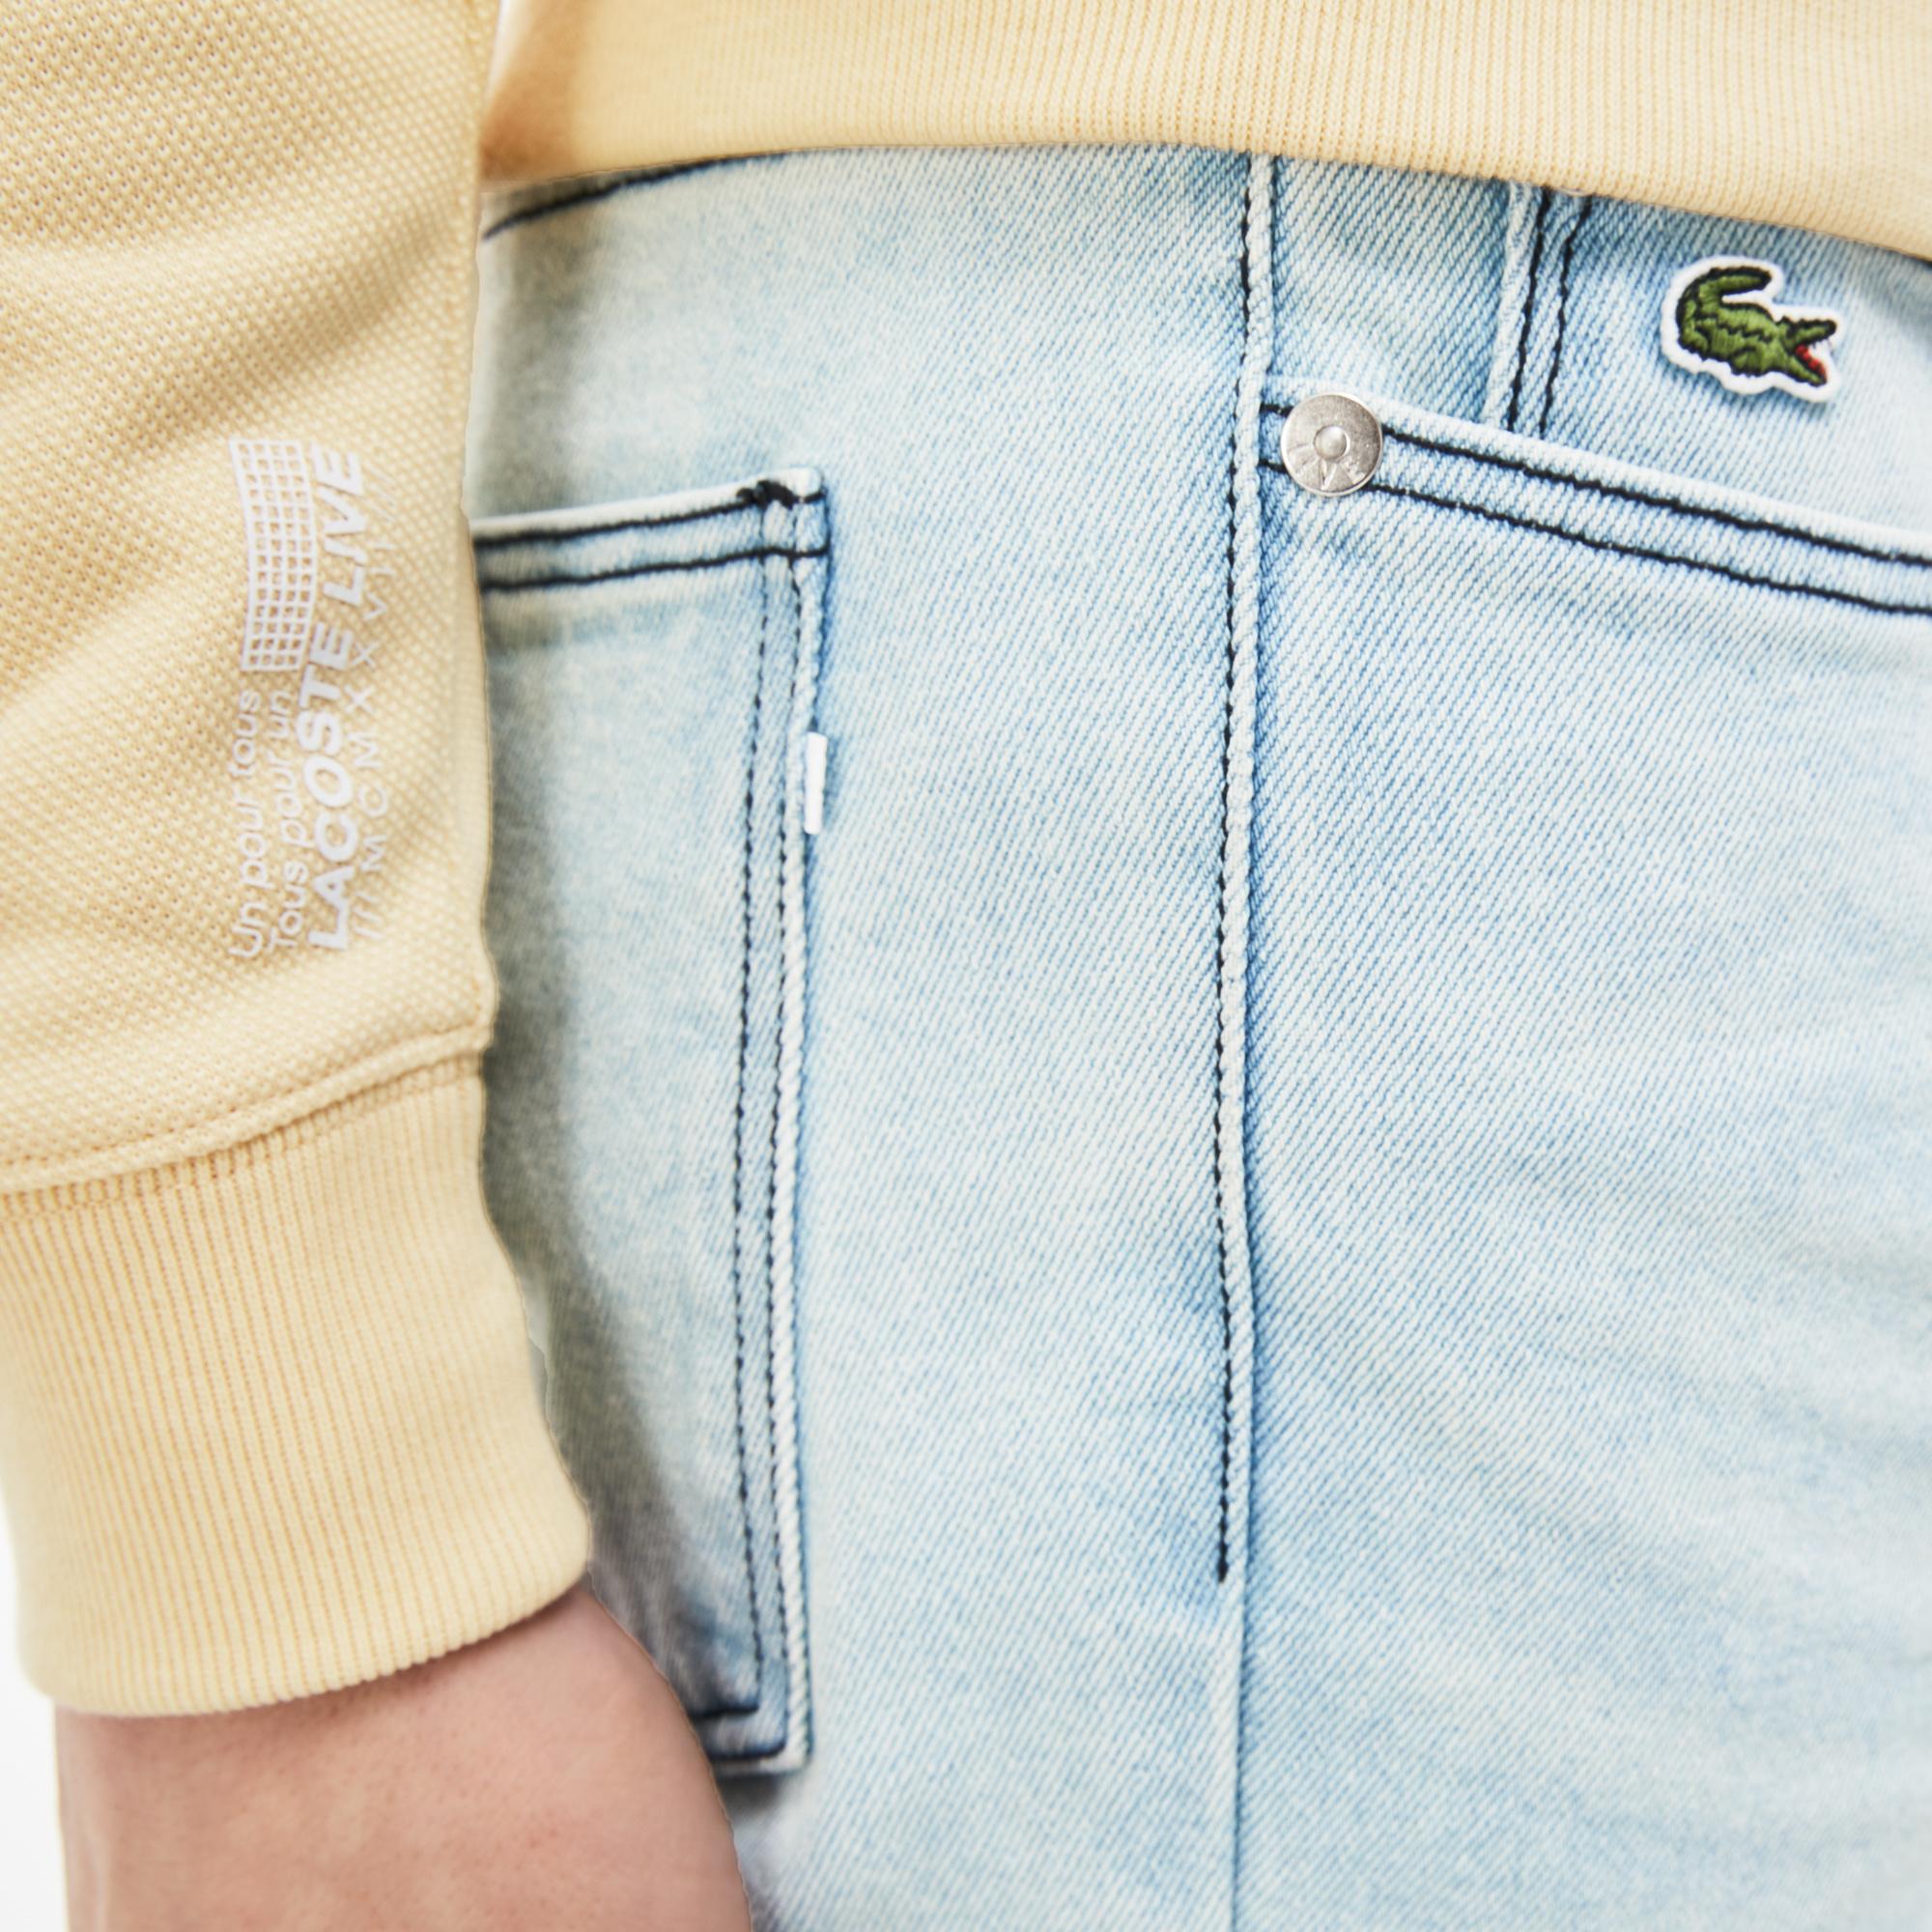 Фото 3 - Джинсы Lacoste Slim fit голубого цвета